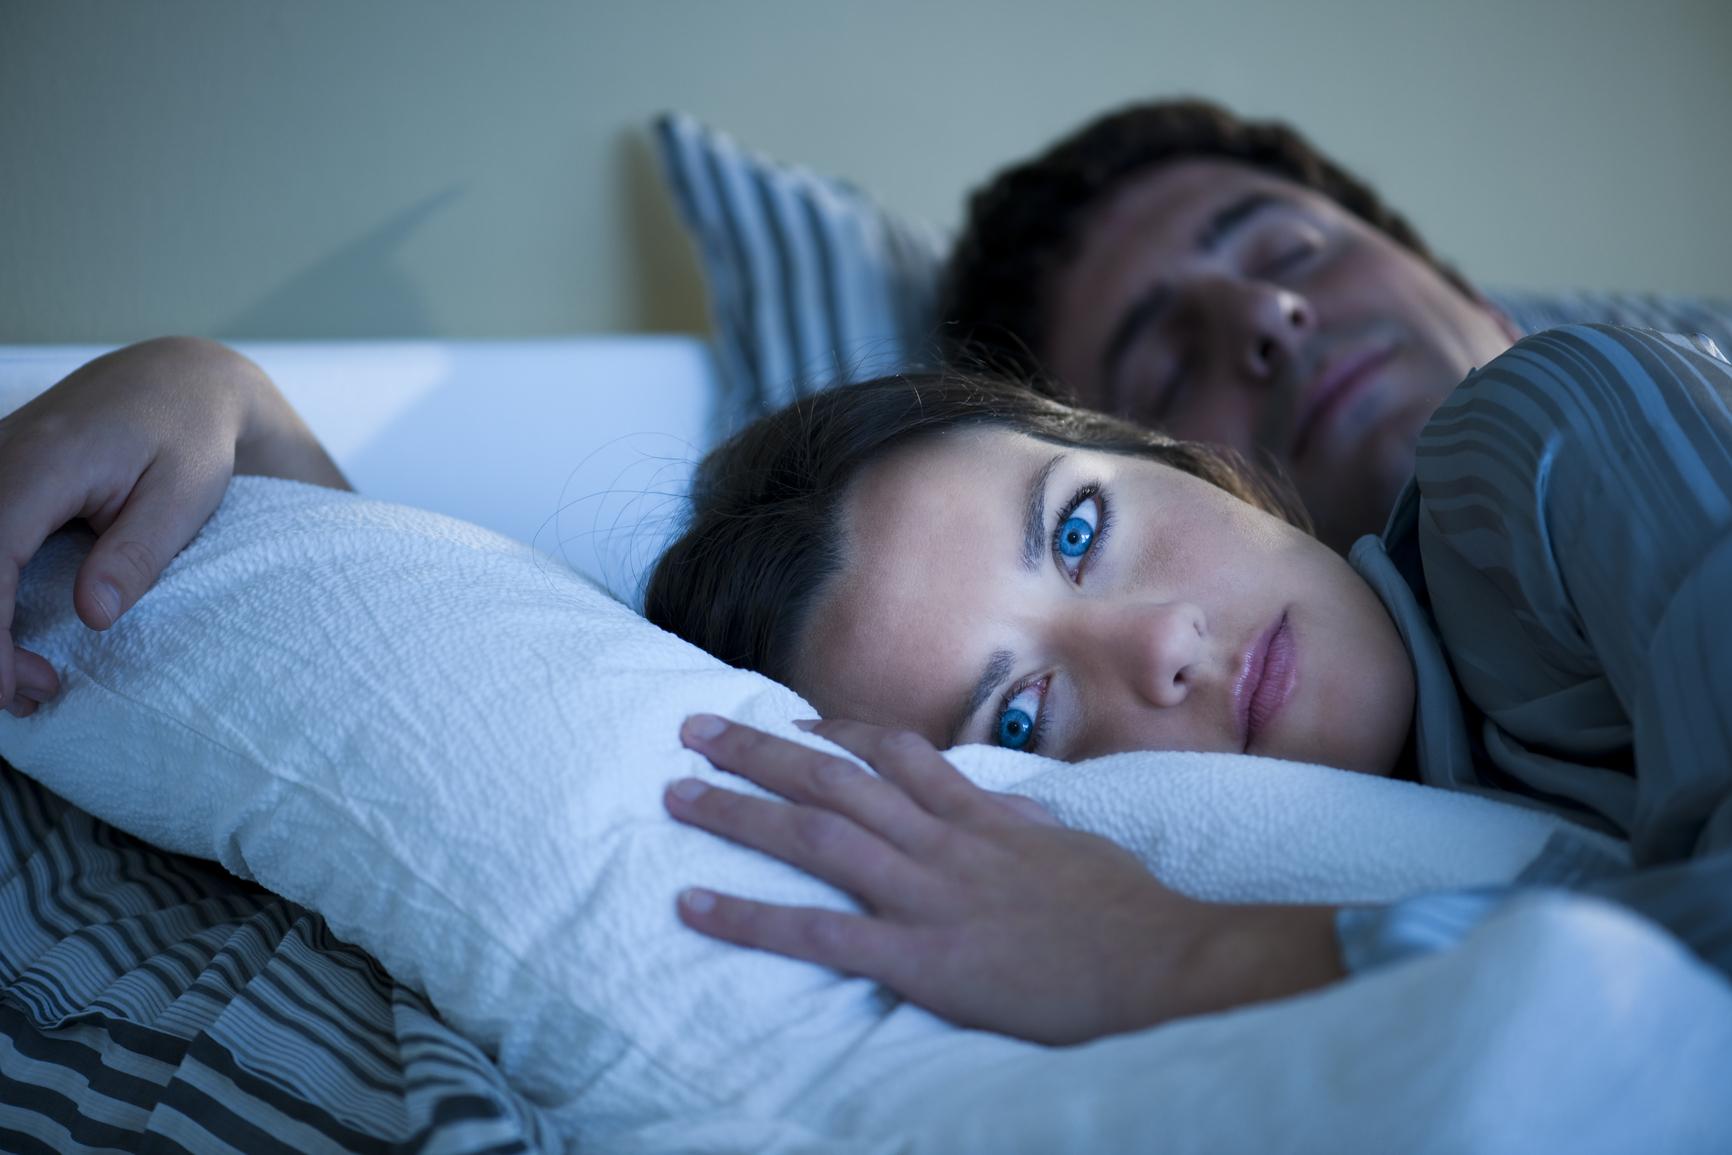 ? לא נרדמים בלילה בגלל המצב הכלכלי